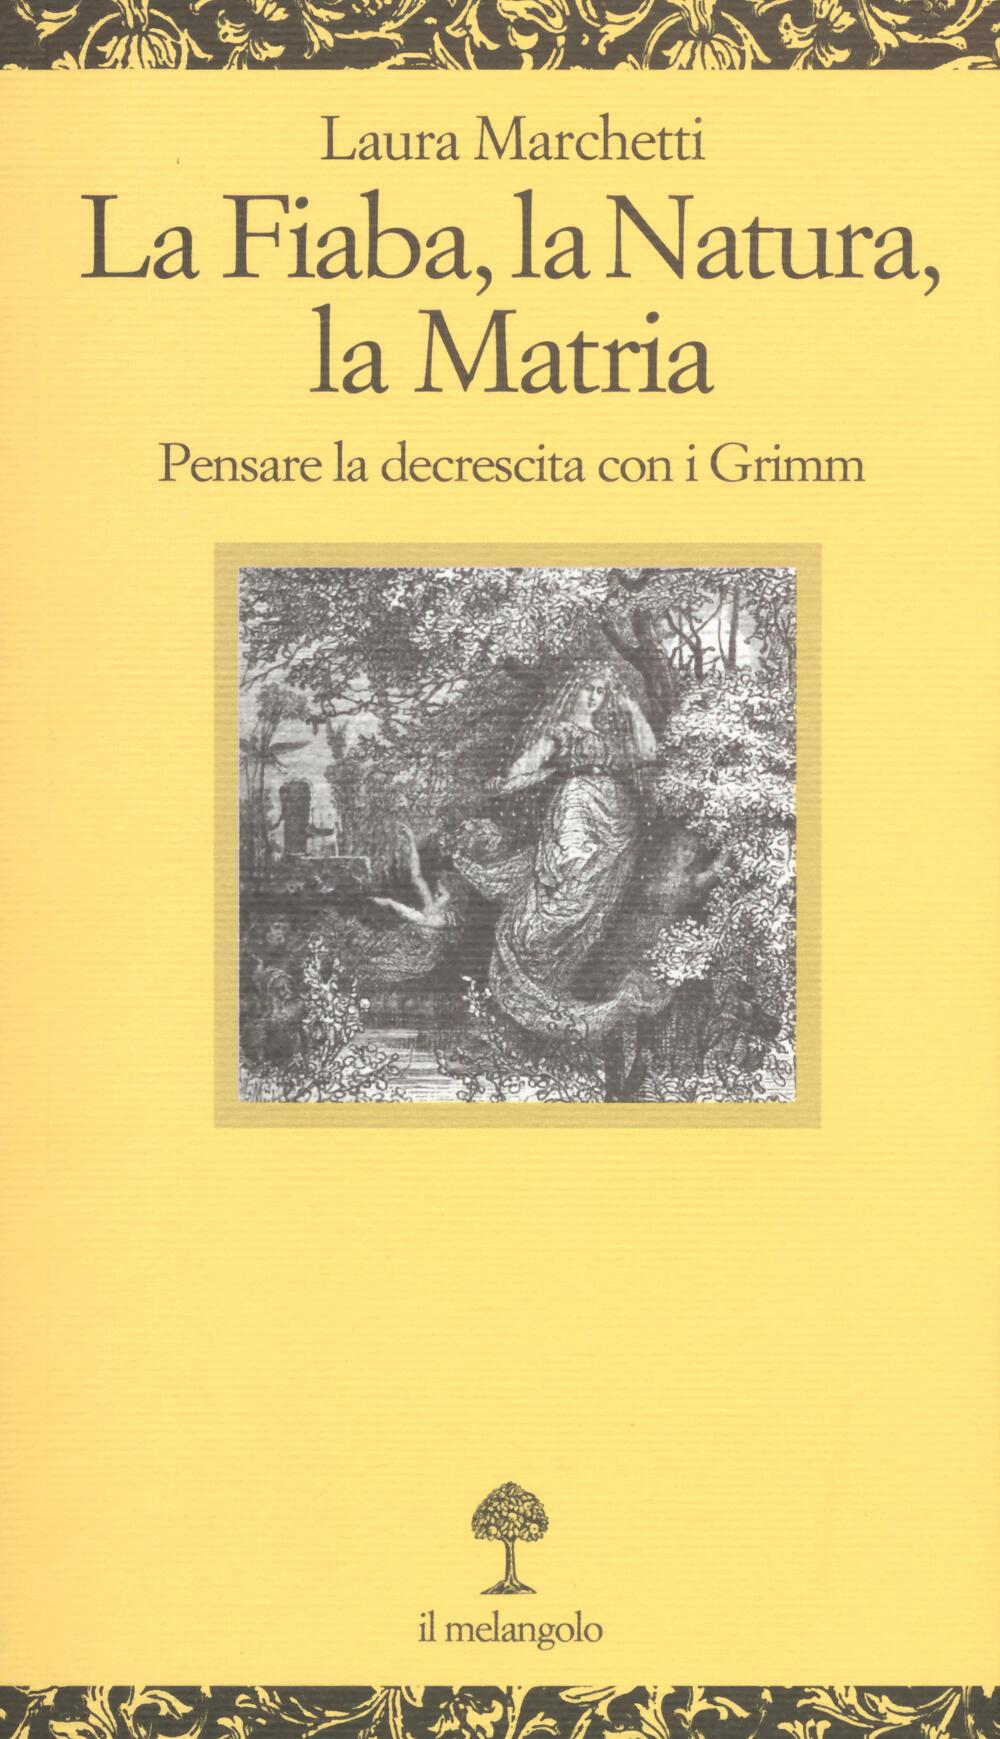 Favoloso La fiaba, la natura, la matria. Pensare la decrescita con i Grimm  TA82